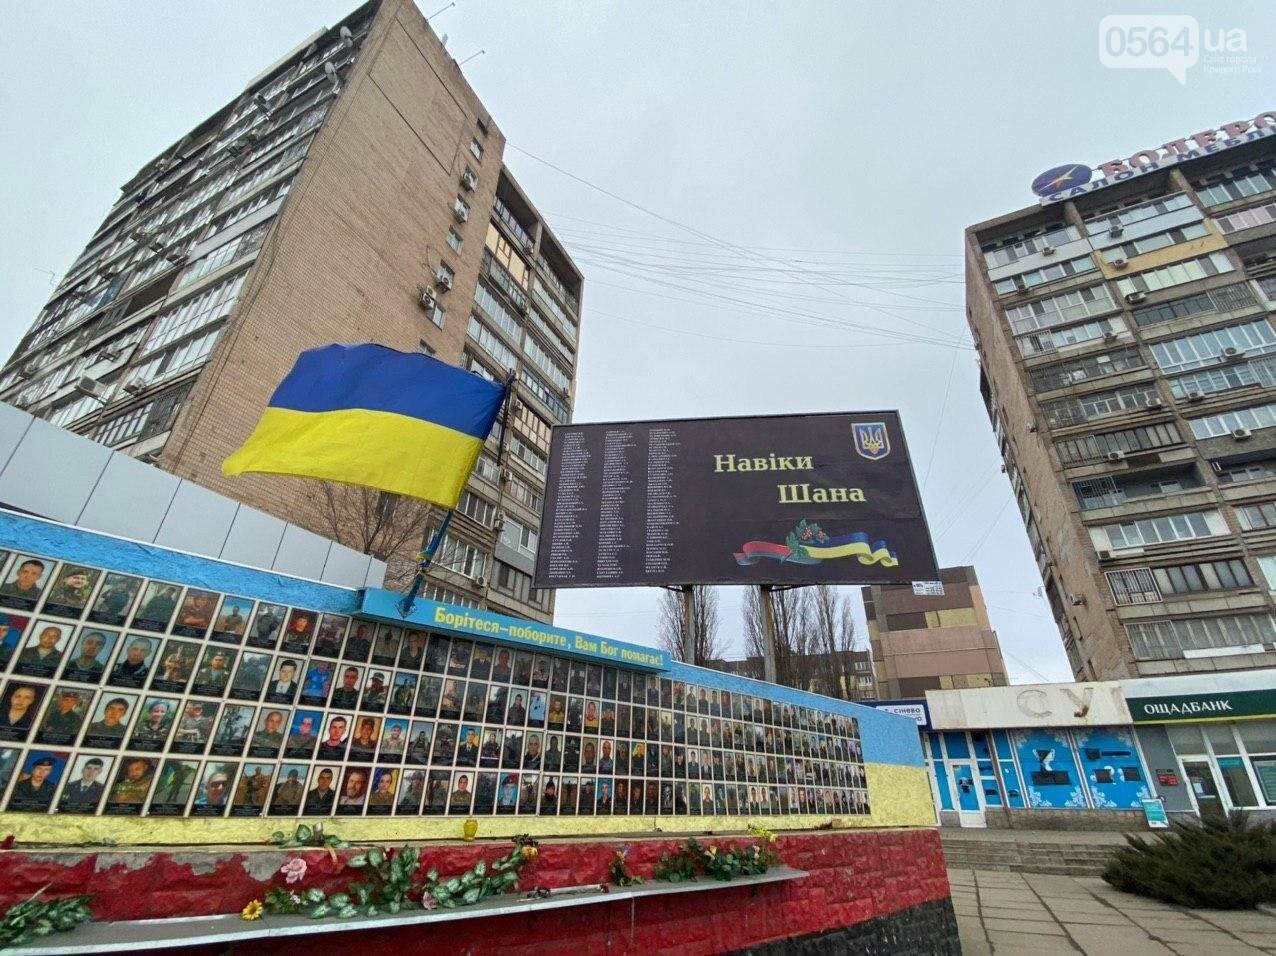 На 95 квартале разместили борд с именами криворожан, погибших в российско-украинской войне, - ФОТО , фото-8